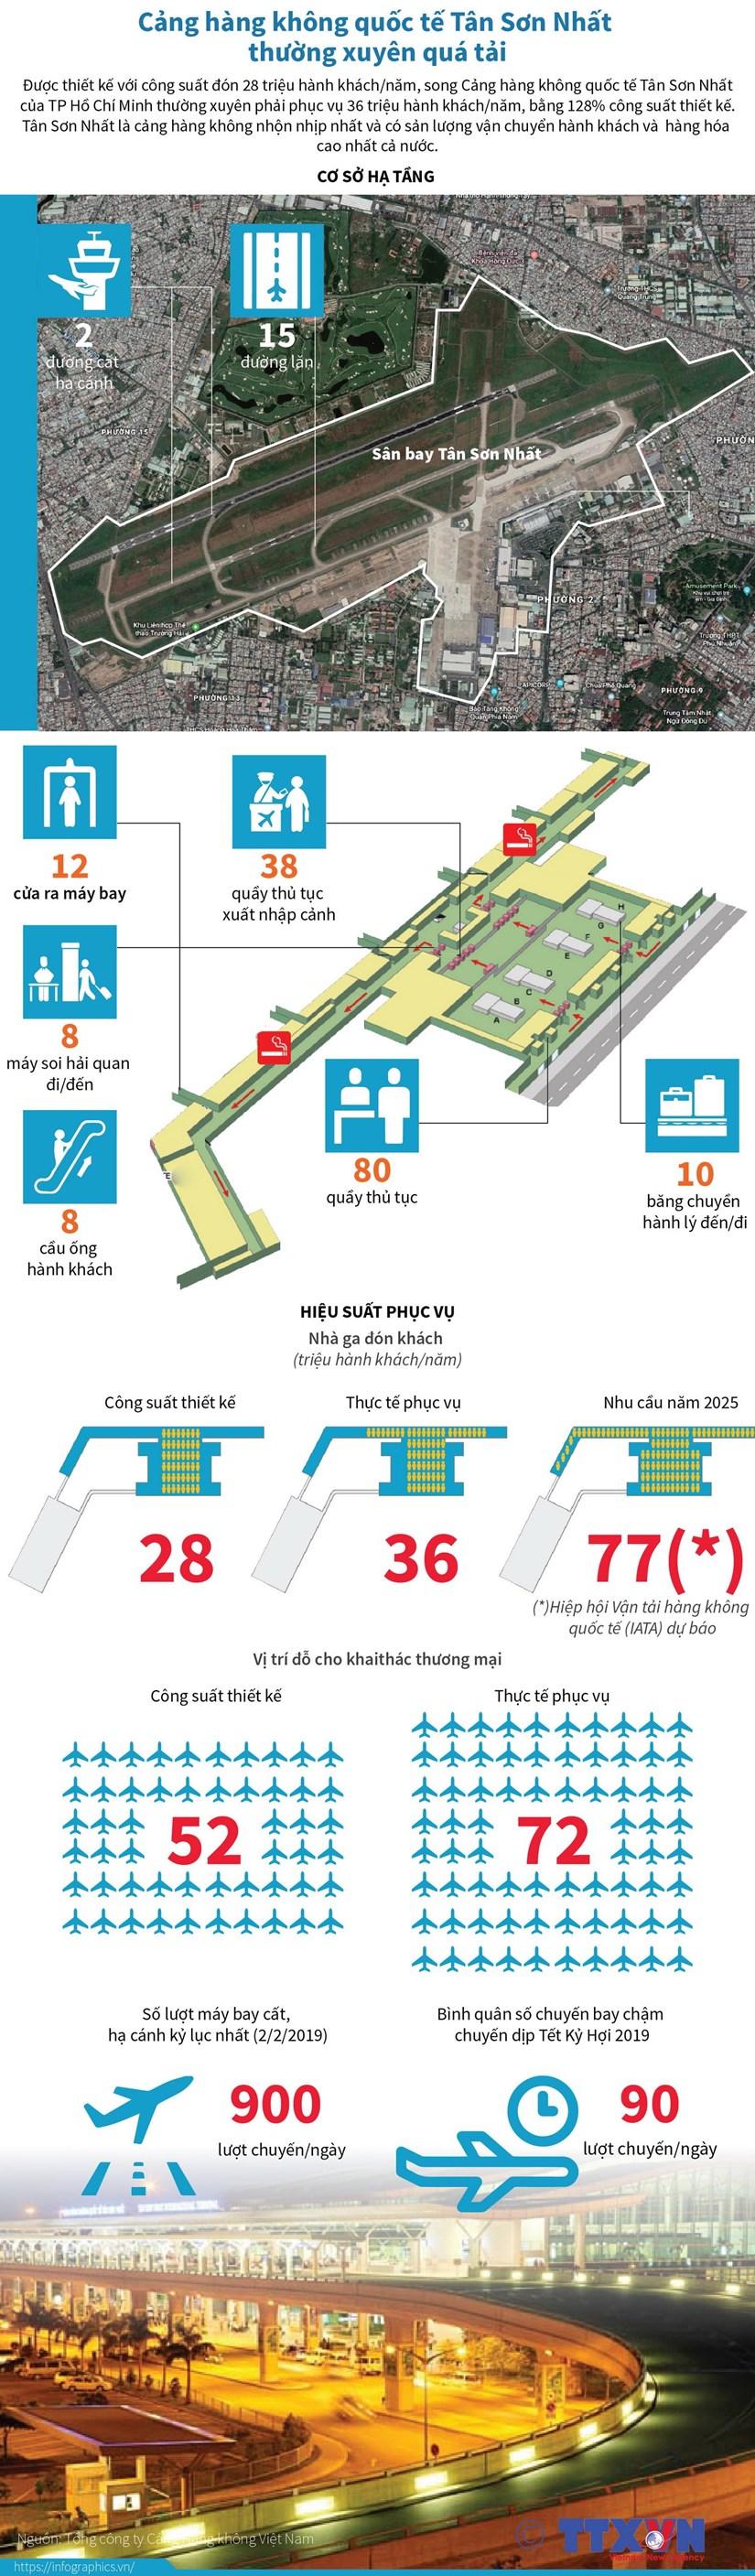 Cảng hàng không quốc tế Tân Sơn Nhất thường xuyên quá tải